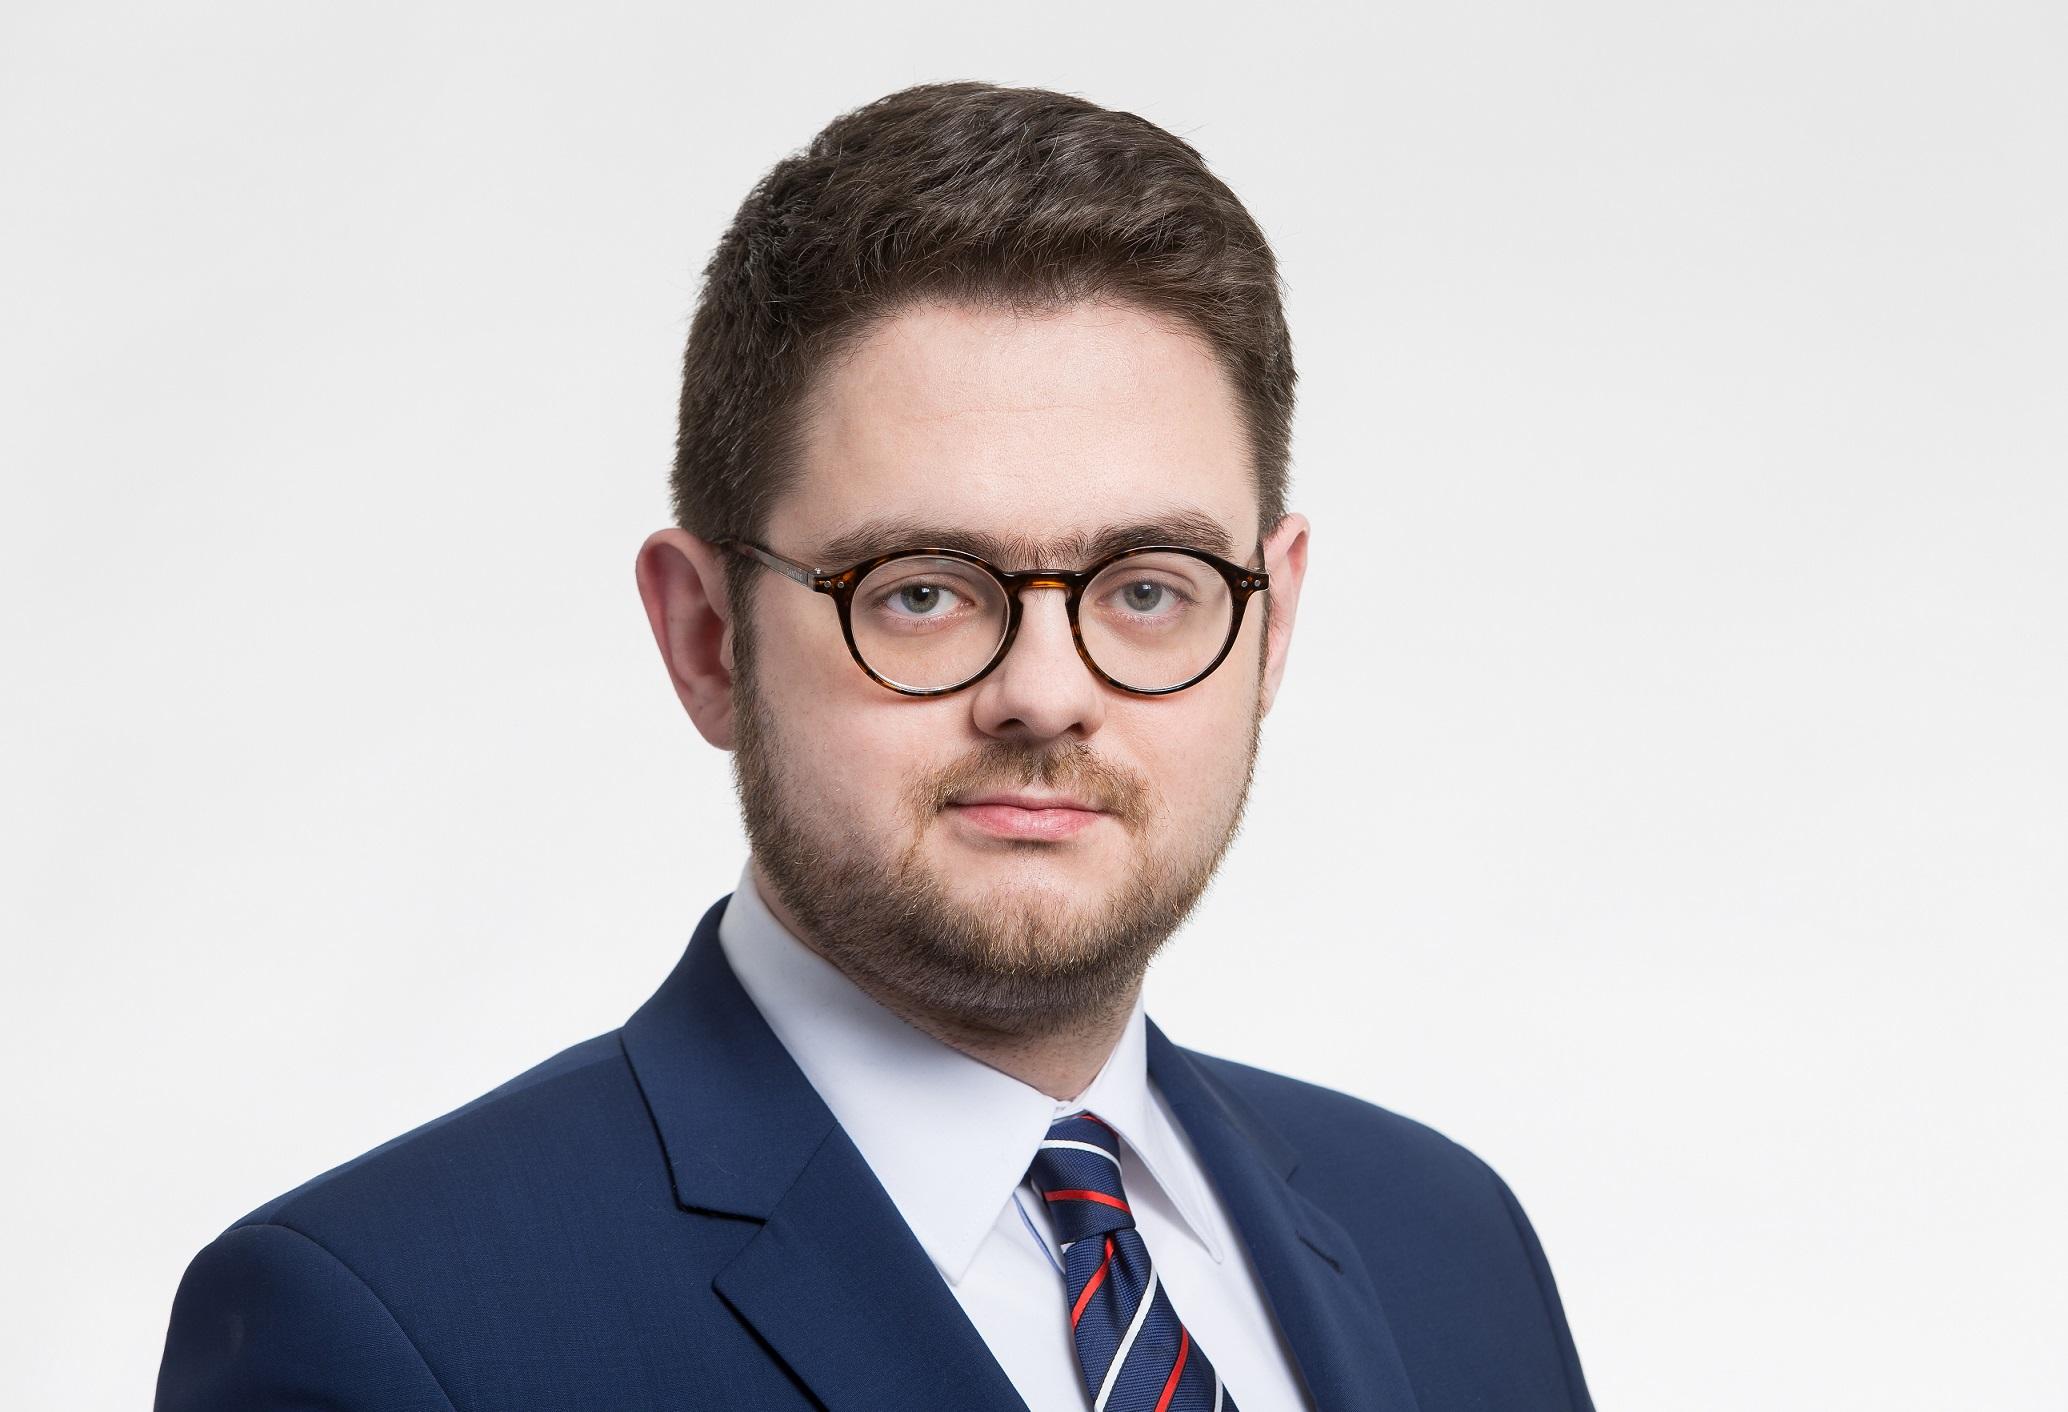 Piotr Gałązka